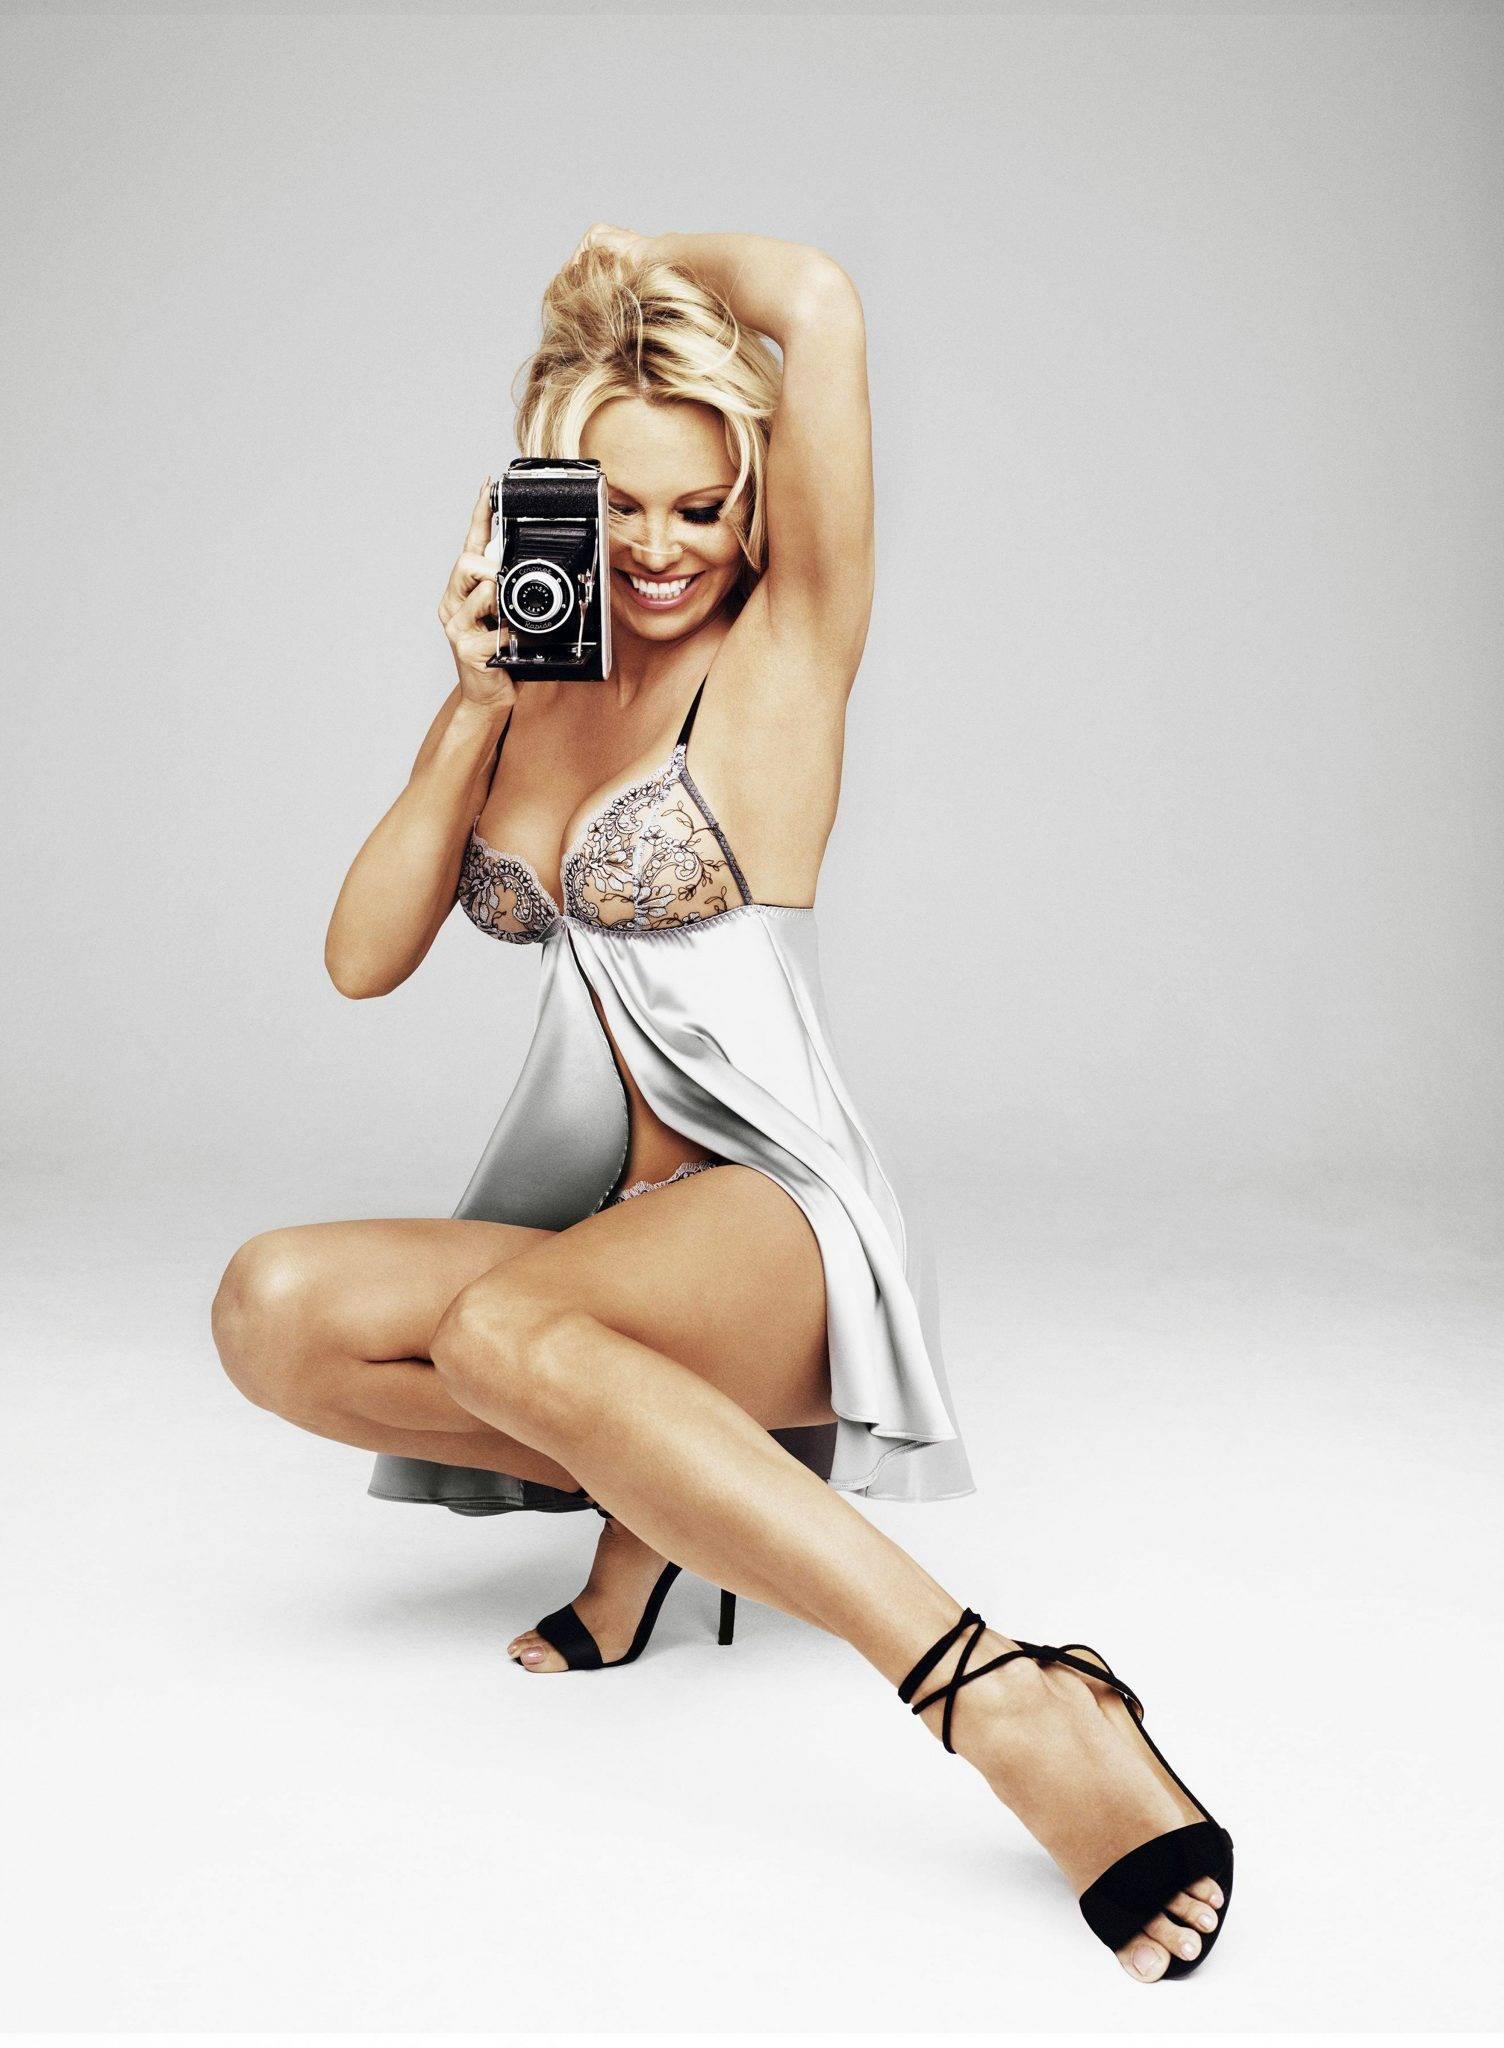 Pamela Anderson w urodzinowej sesji w samej bieliźnie